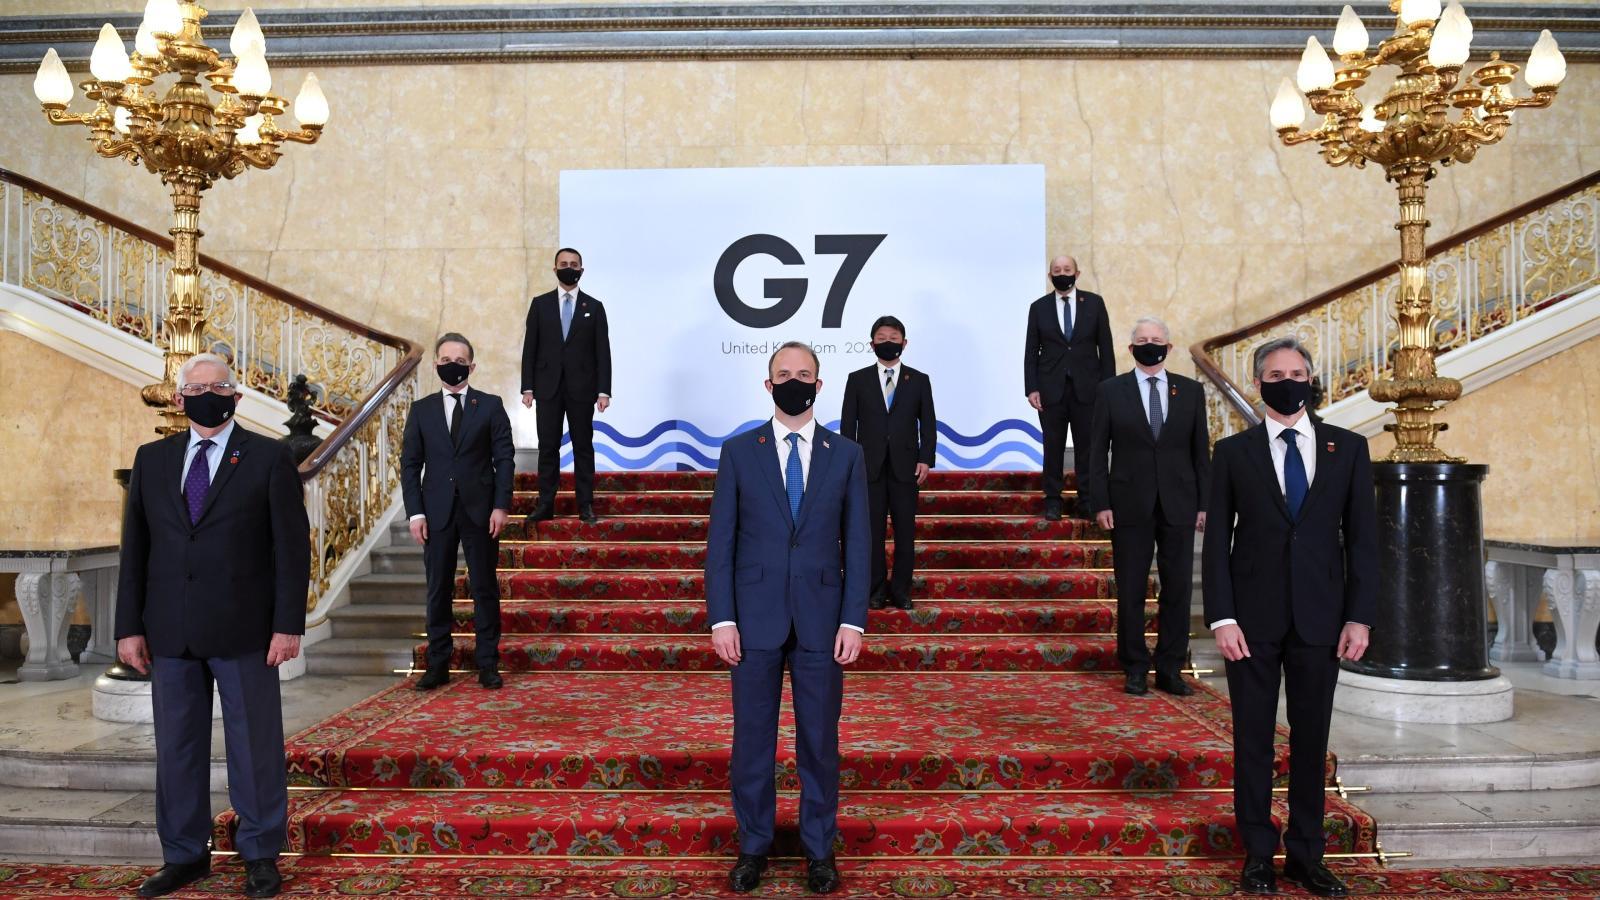 Lãnh đạo hàng đầu các nước G7 đã có được gì sau cuộc họp thượng đỉnh gần nhất?